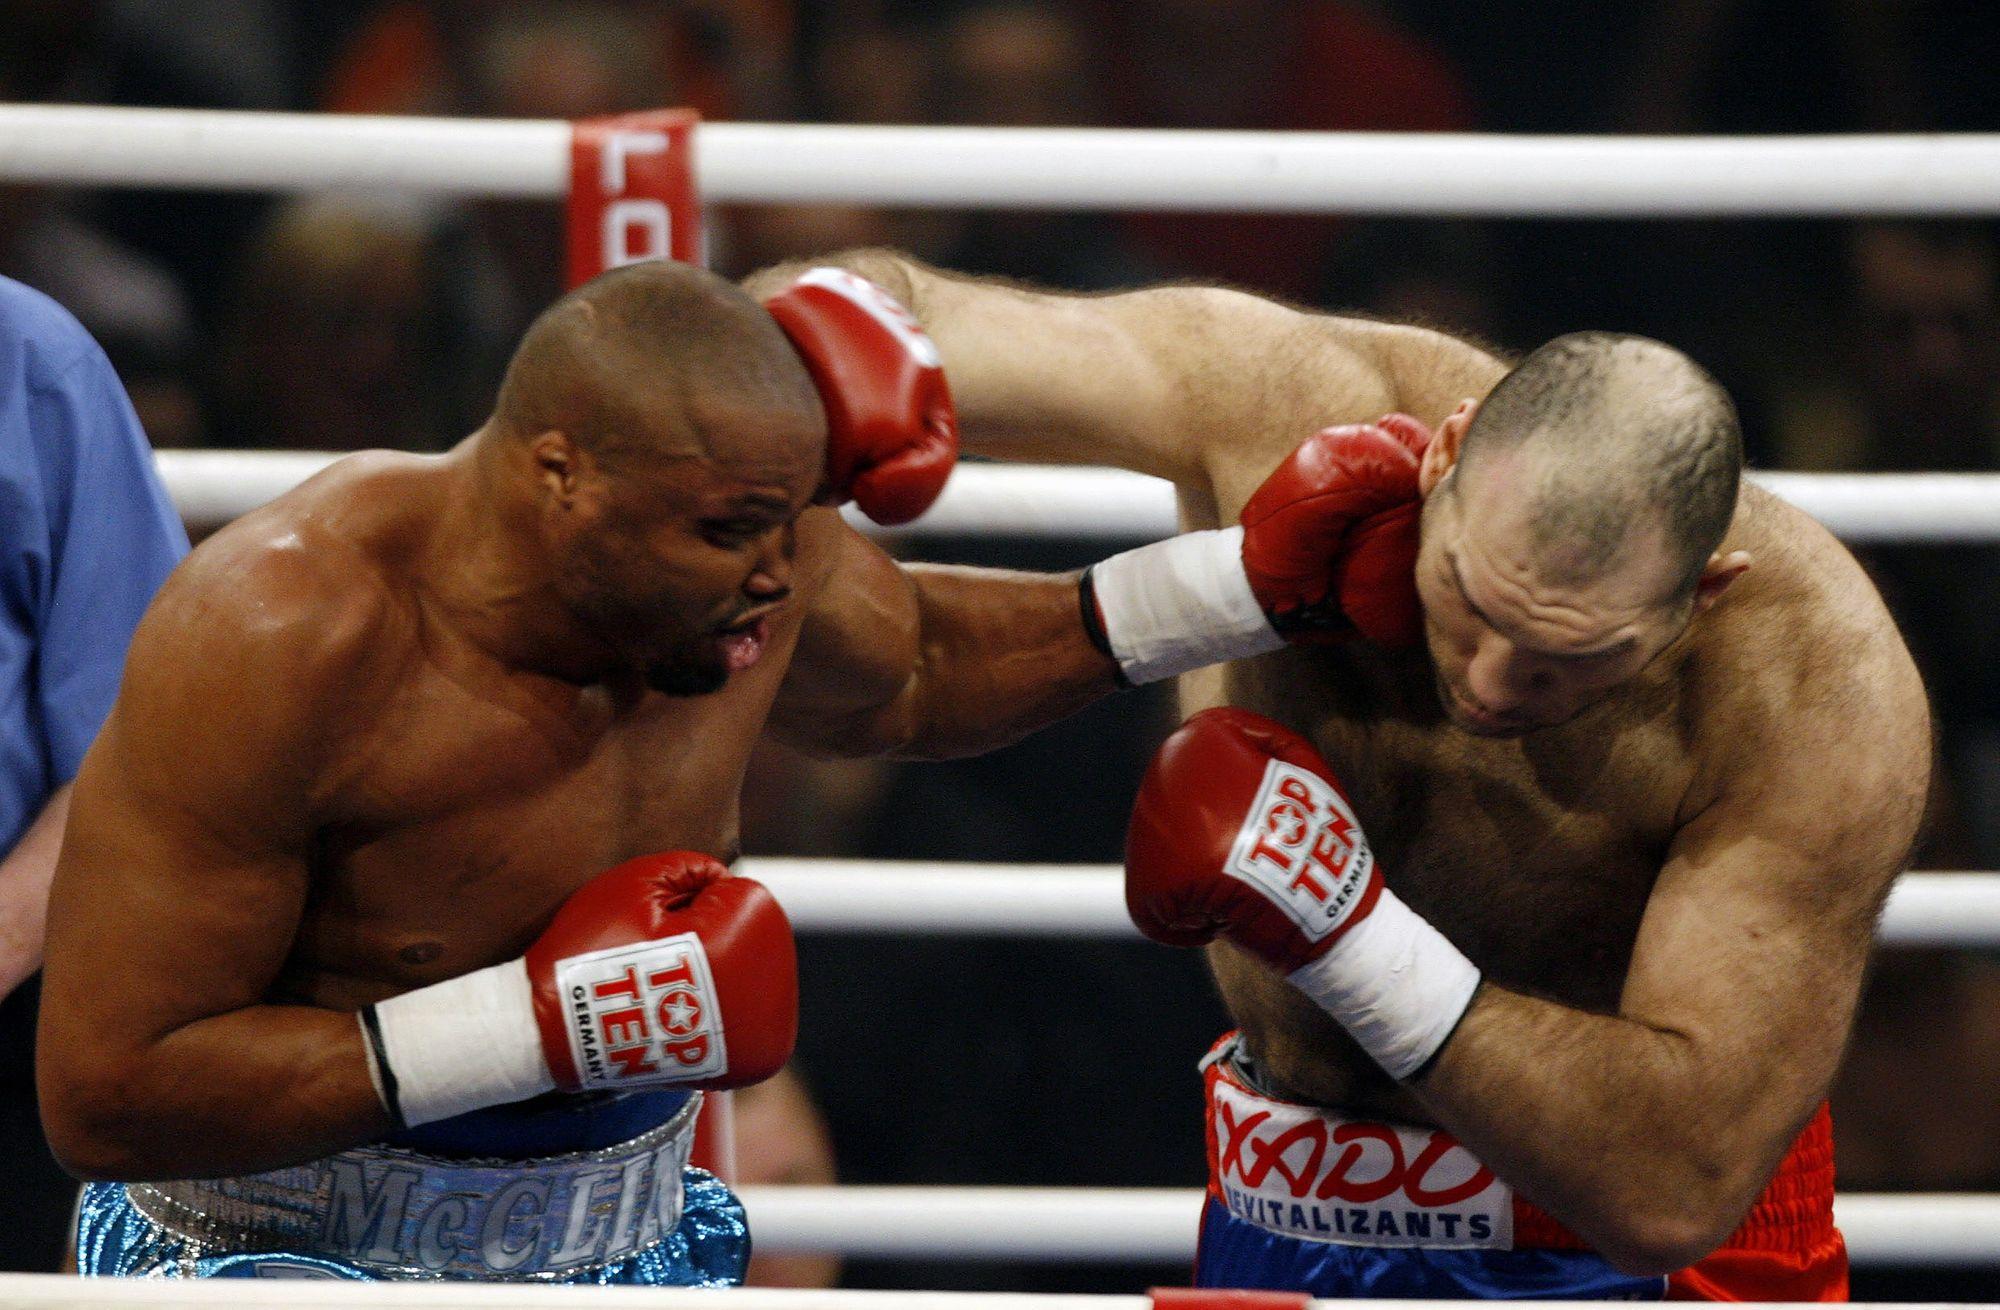 бой, бокс, спорт